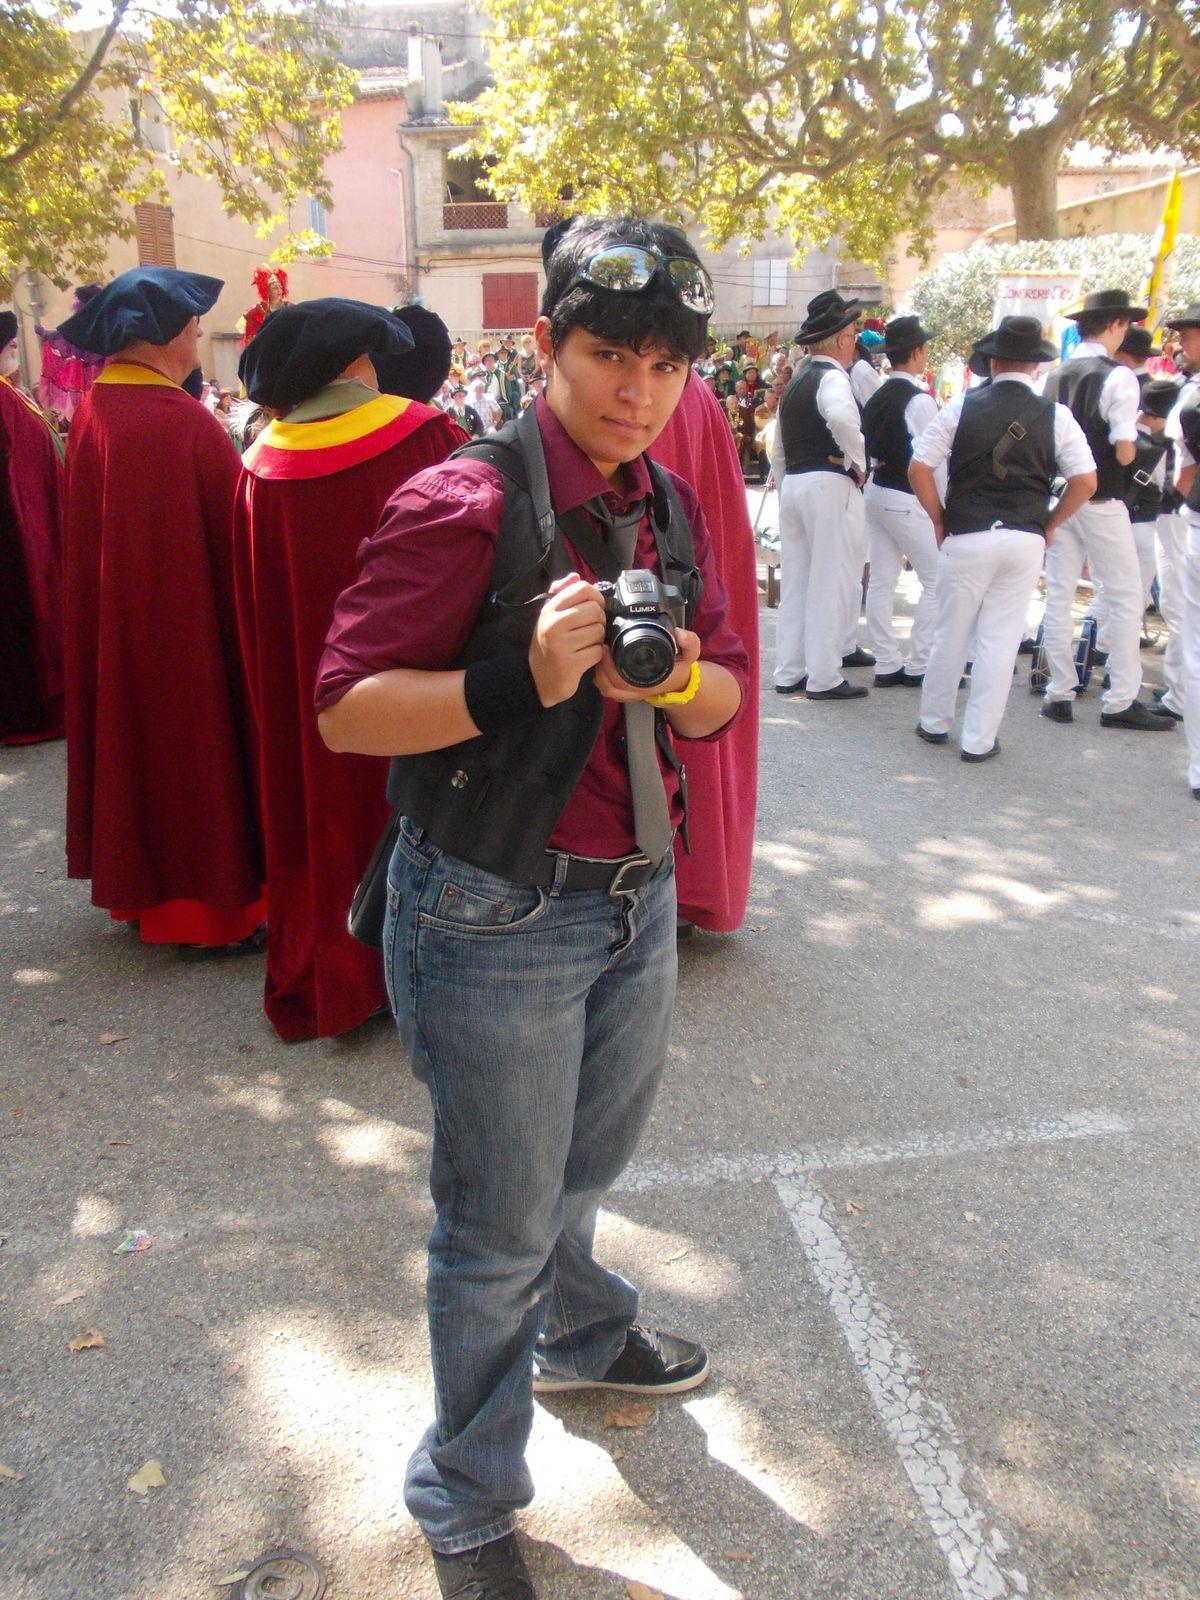 notre photographe officiel